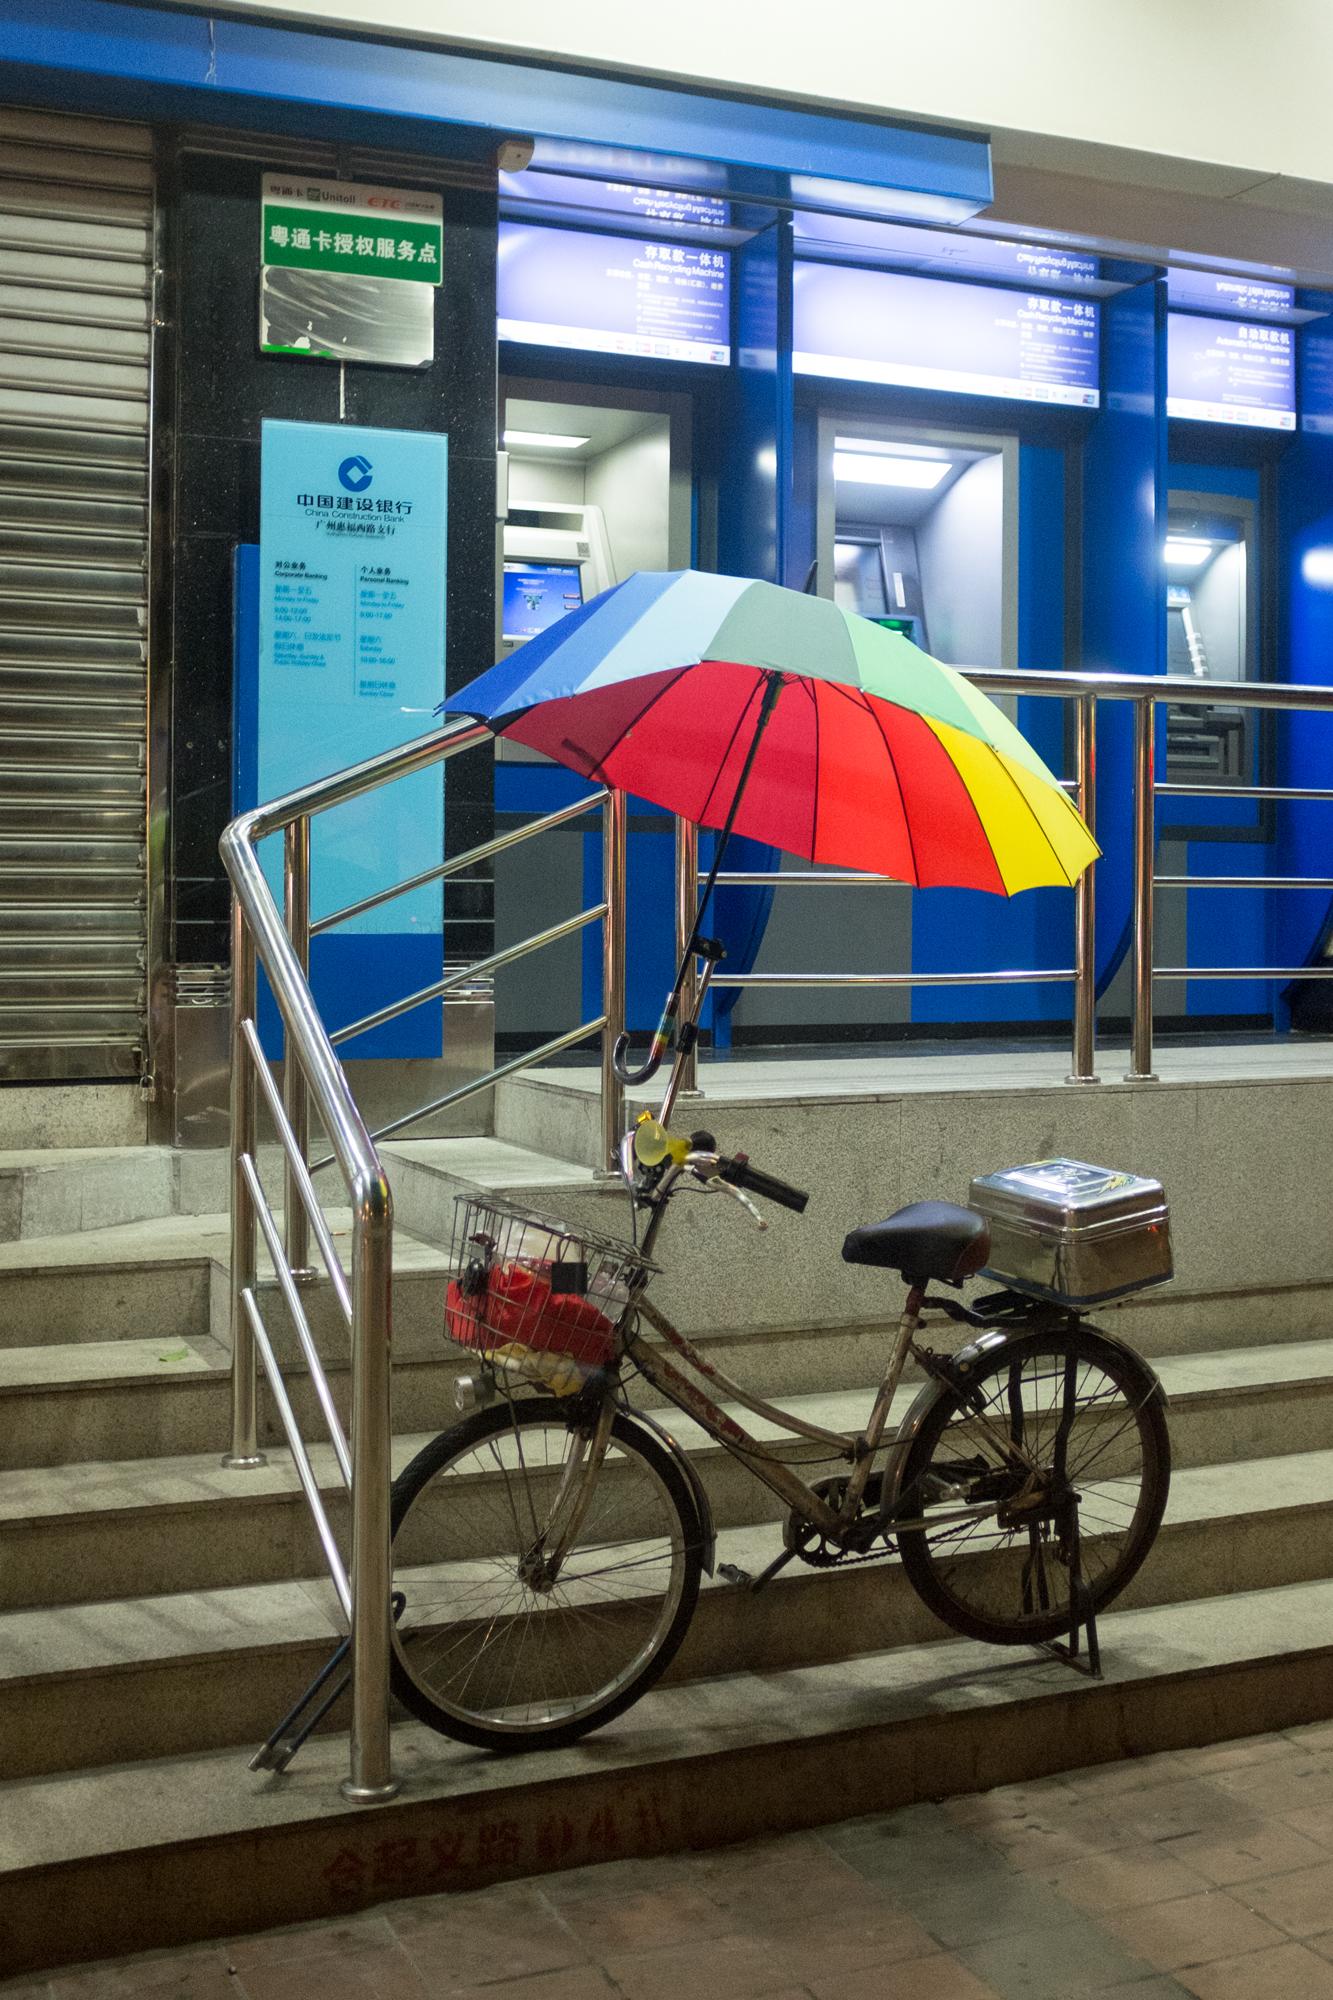 Bicycle w/Umbrella